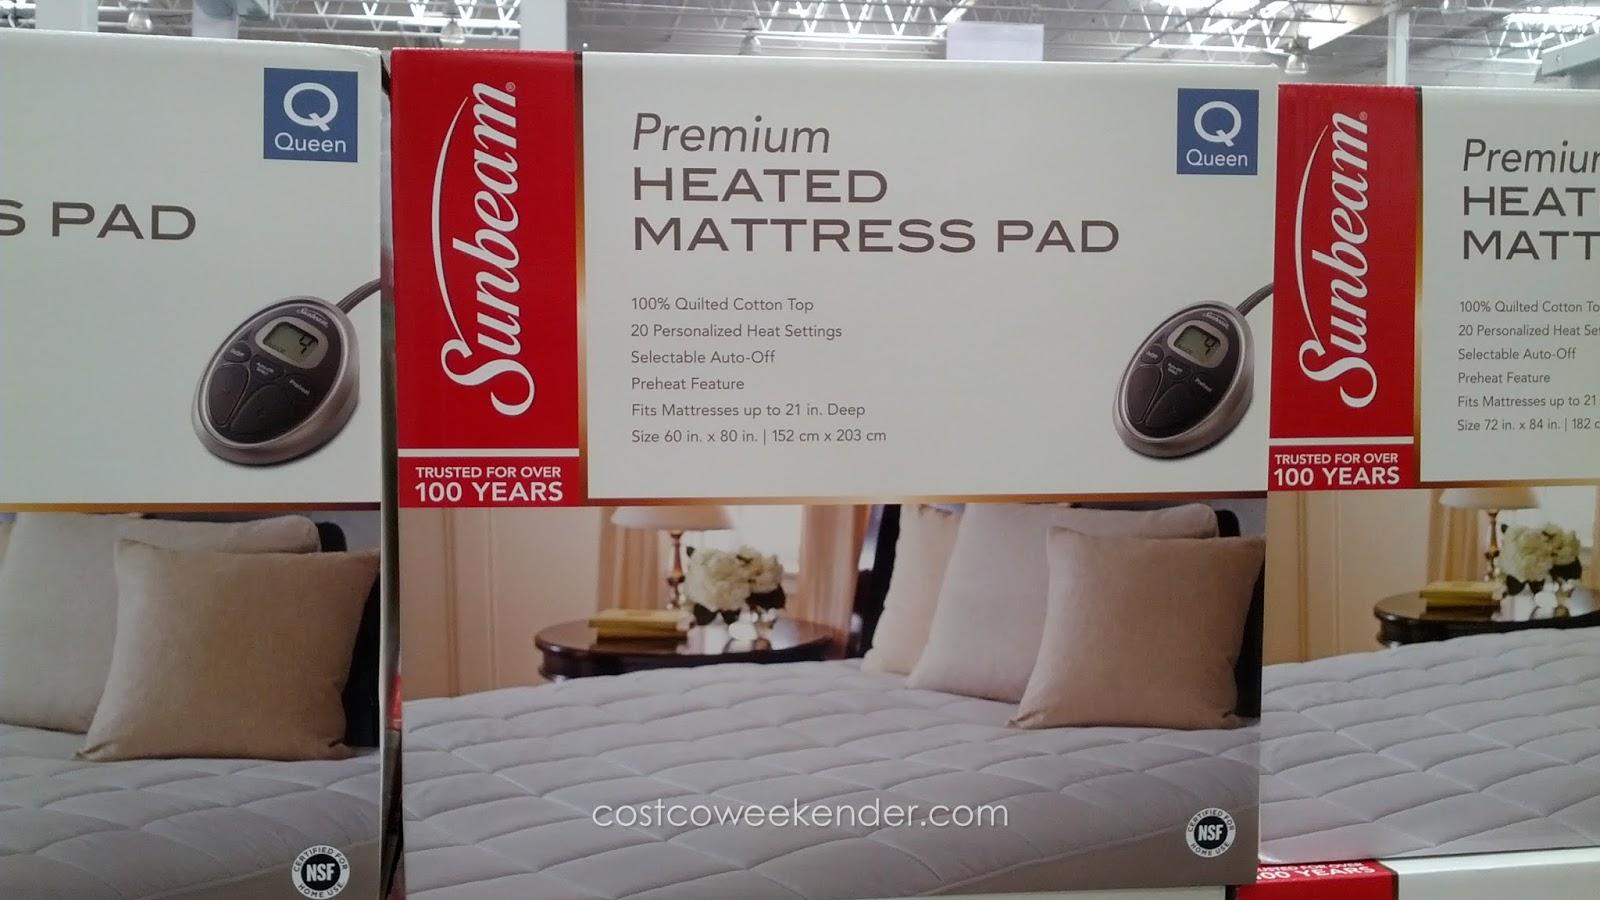 sunbeam premium heated mattress pad Sunbeam Premium Heated Mattress Pad (queen) | Costco Weekender sunbeam premium heated mattress pad